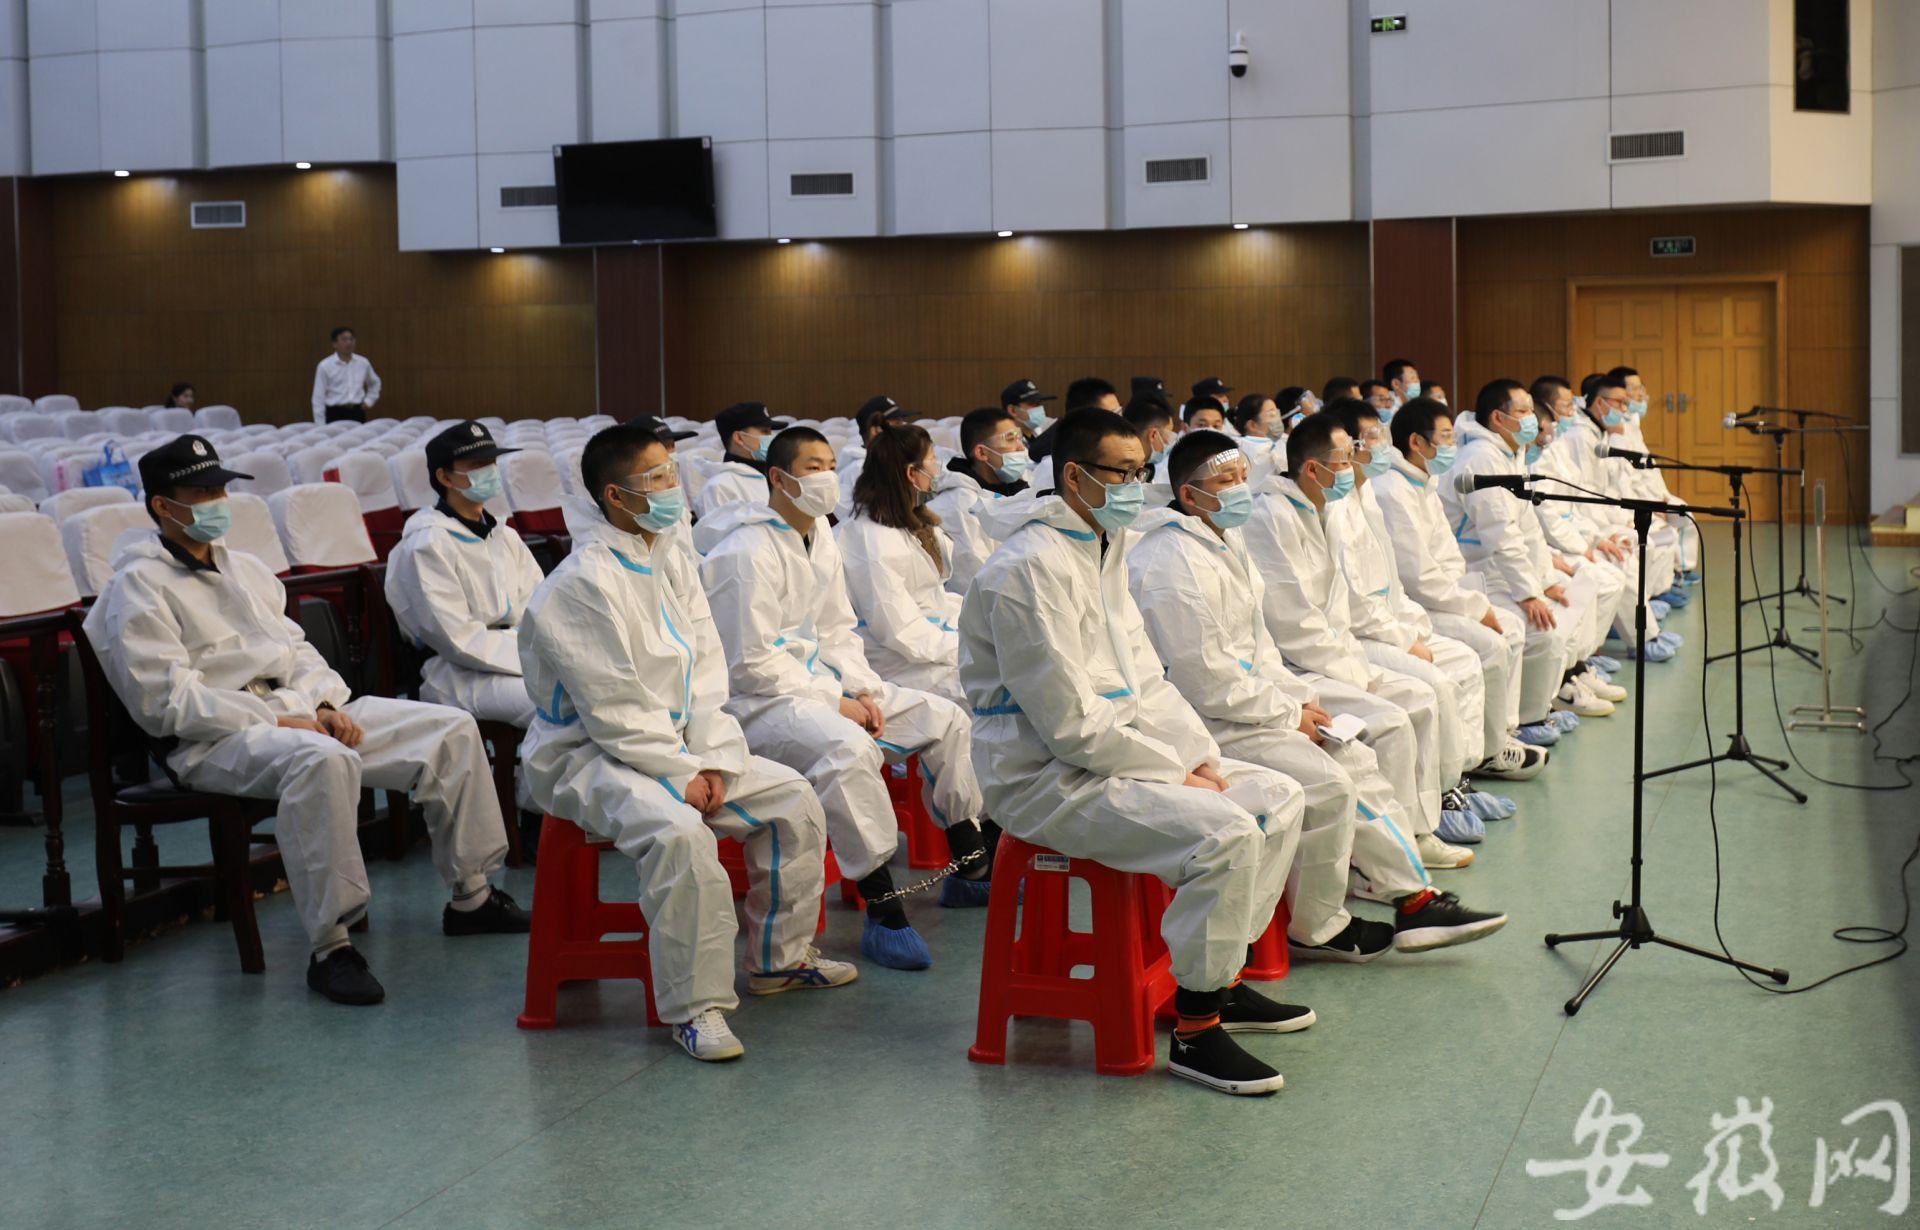 故意制造交通事故骗保300多万元 26人在淮南受审